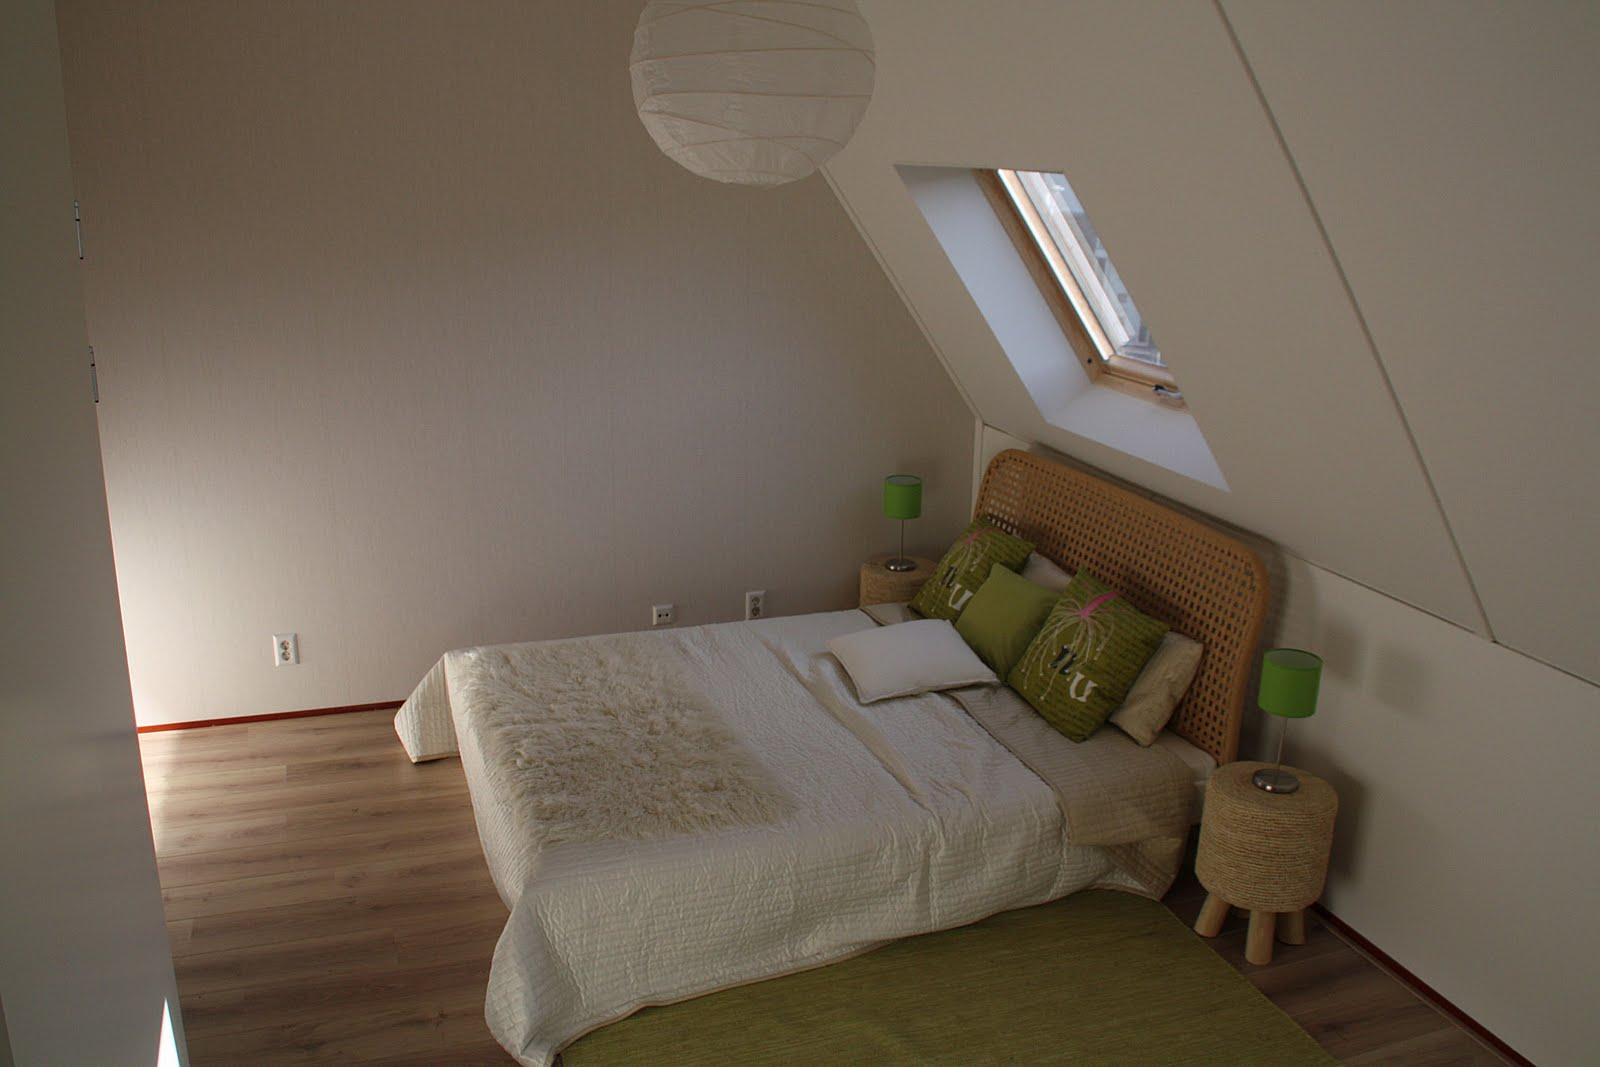 Indeling slaapkamer idee - Idee schilderen ruimte ontwerp ...